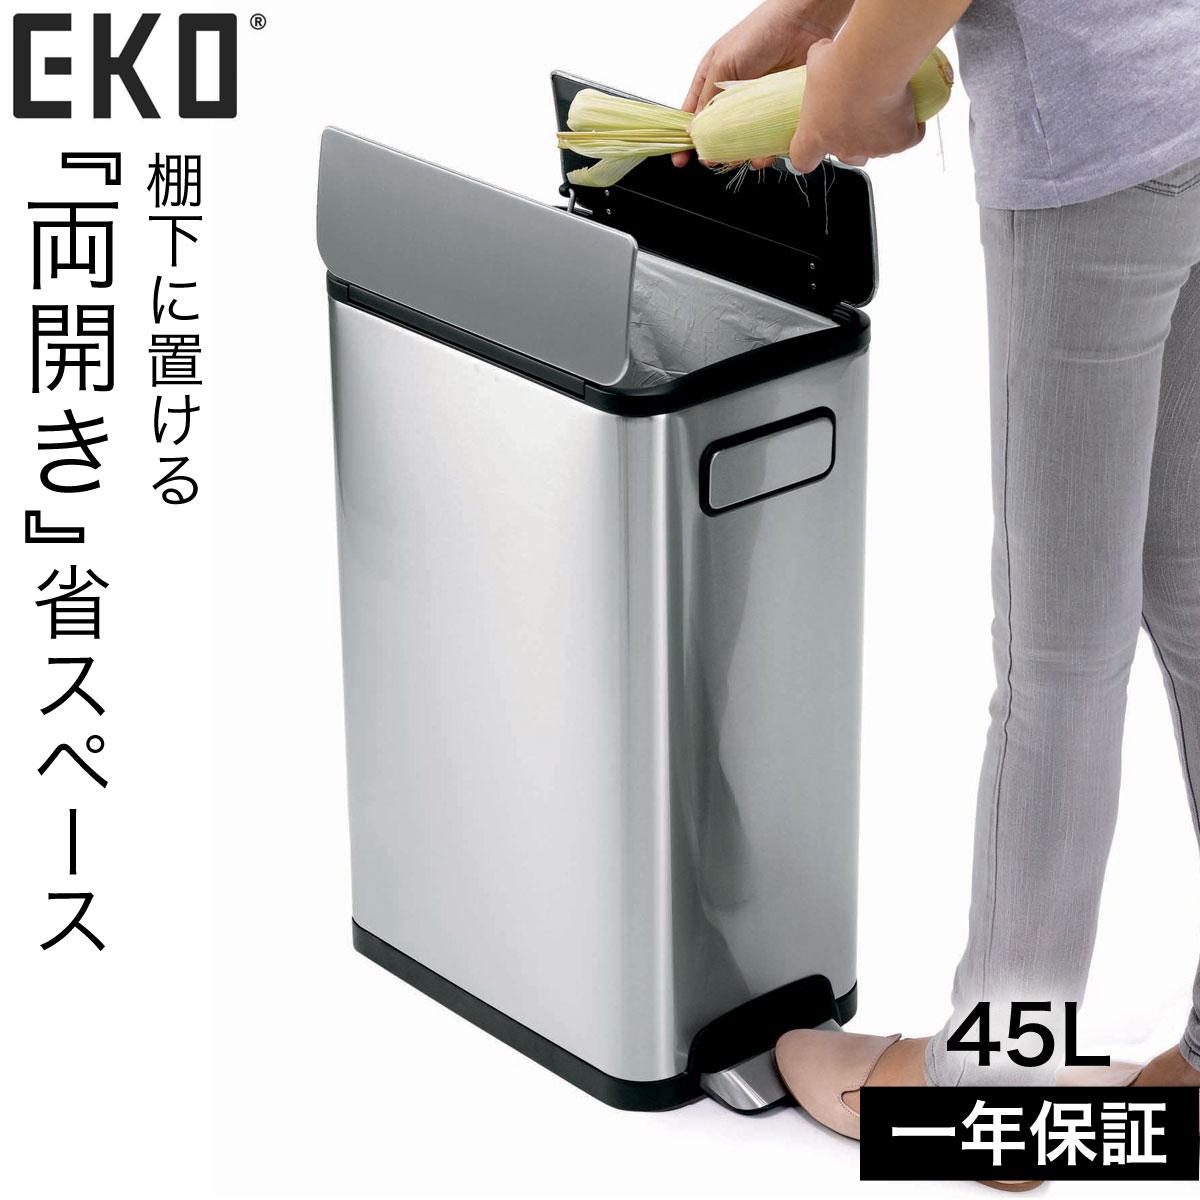 【最大10%OFFクーポン】ゴミ箱 ごみ箱 ステンレス ふた付き おしゃれ 45リットル EKO エコフライ ステップビン 45L EK9377MT メーカー直送